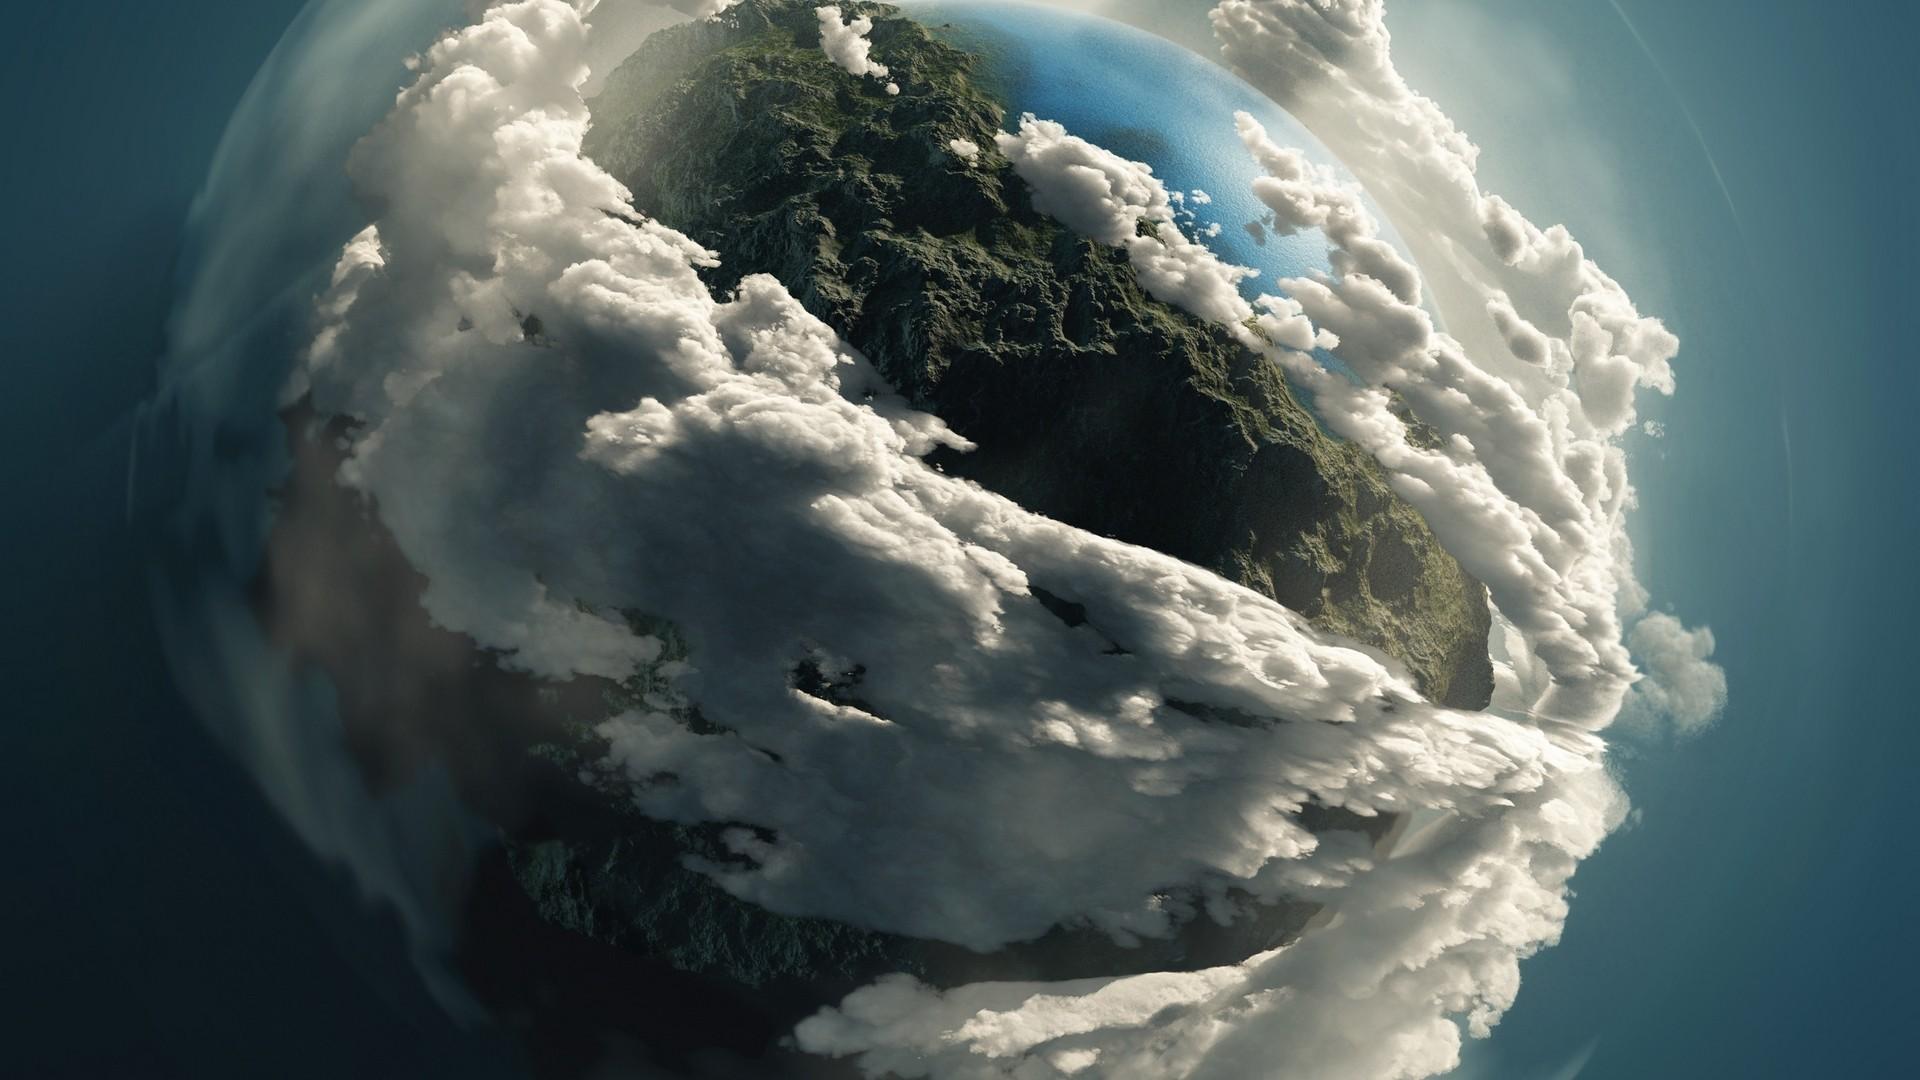 облака вокруг земли картинки жить